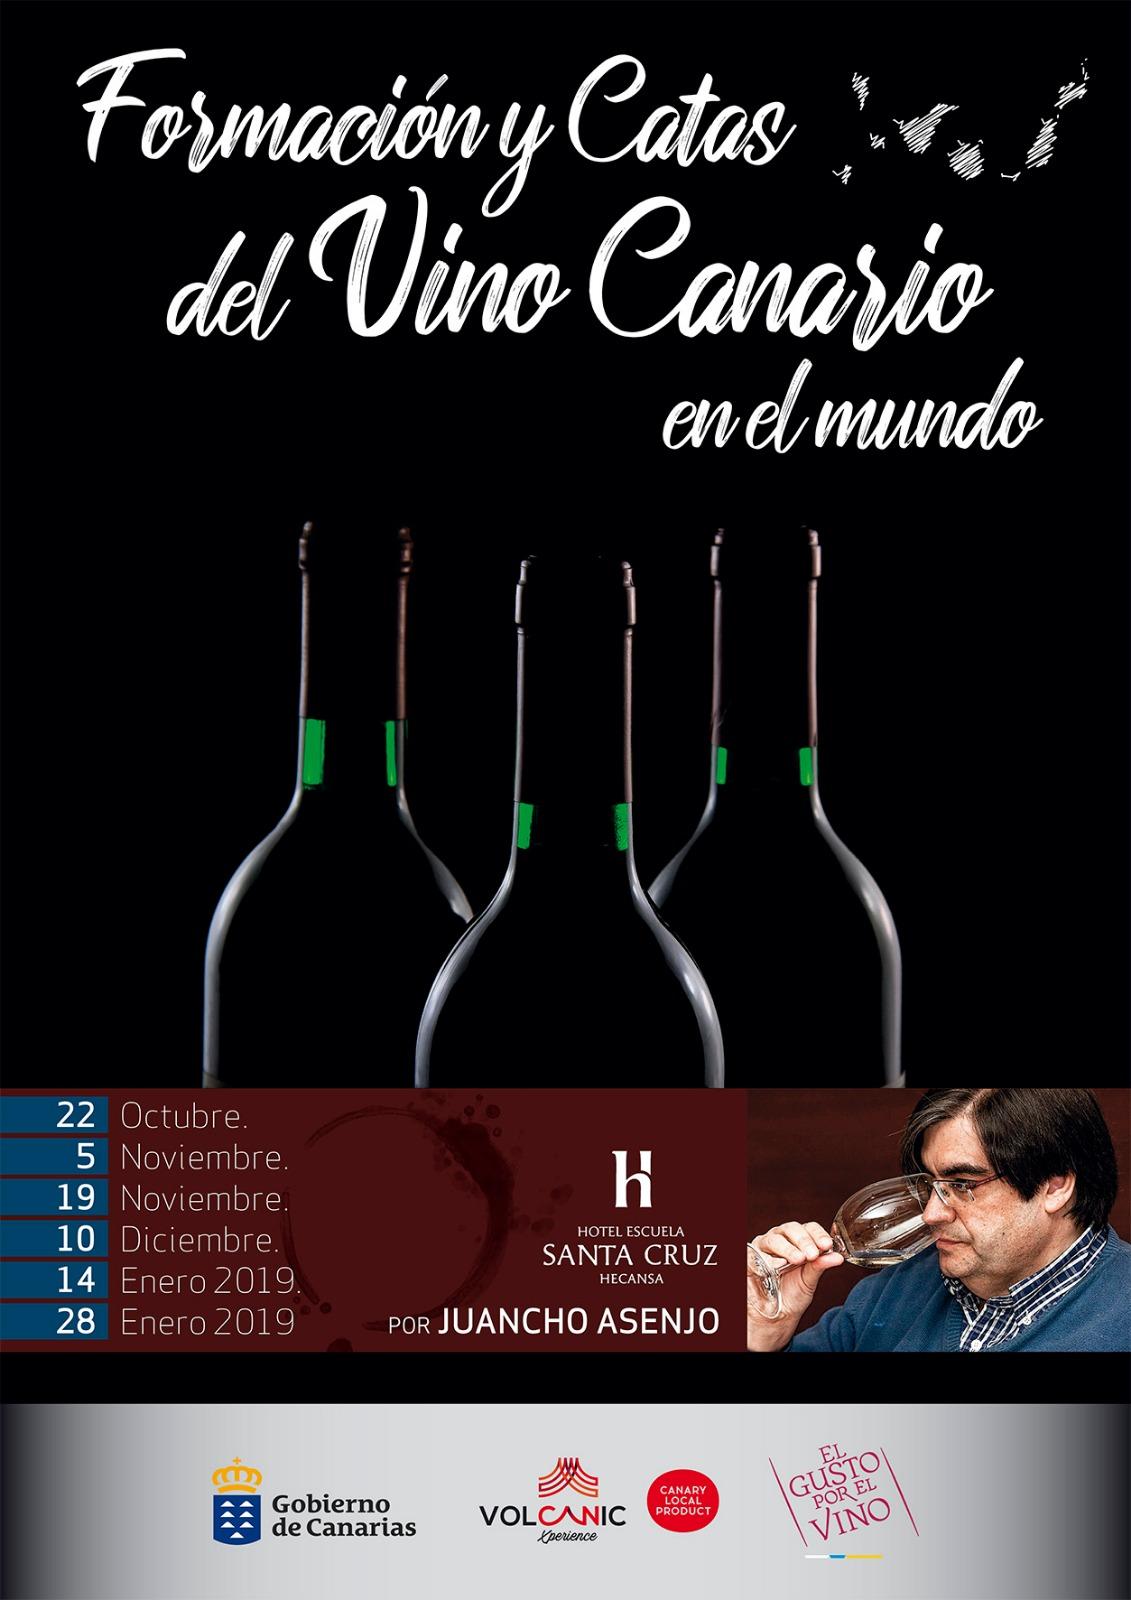 Formación y catas del Vino Canario en el mundo